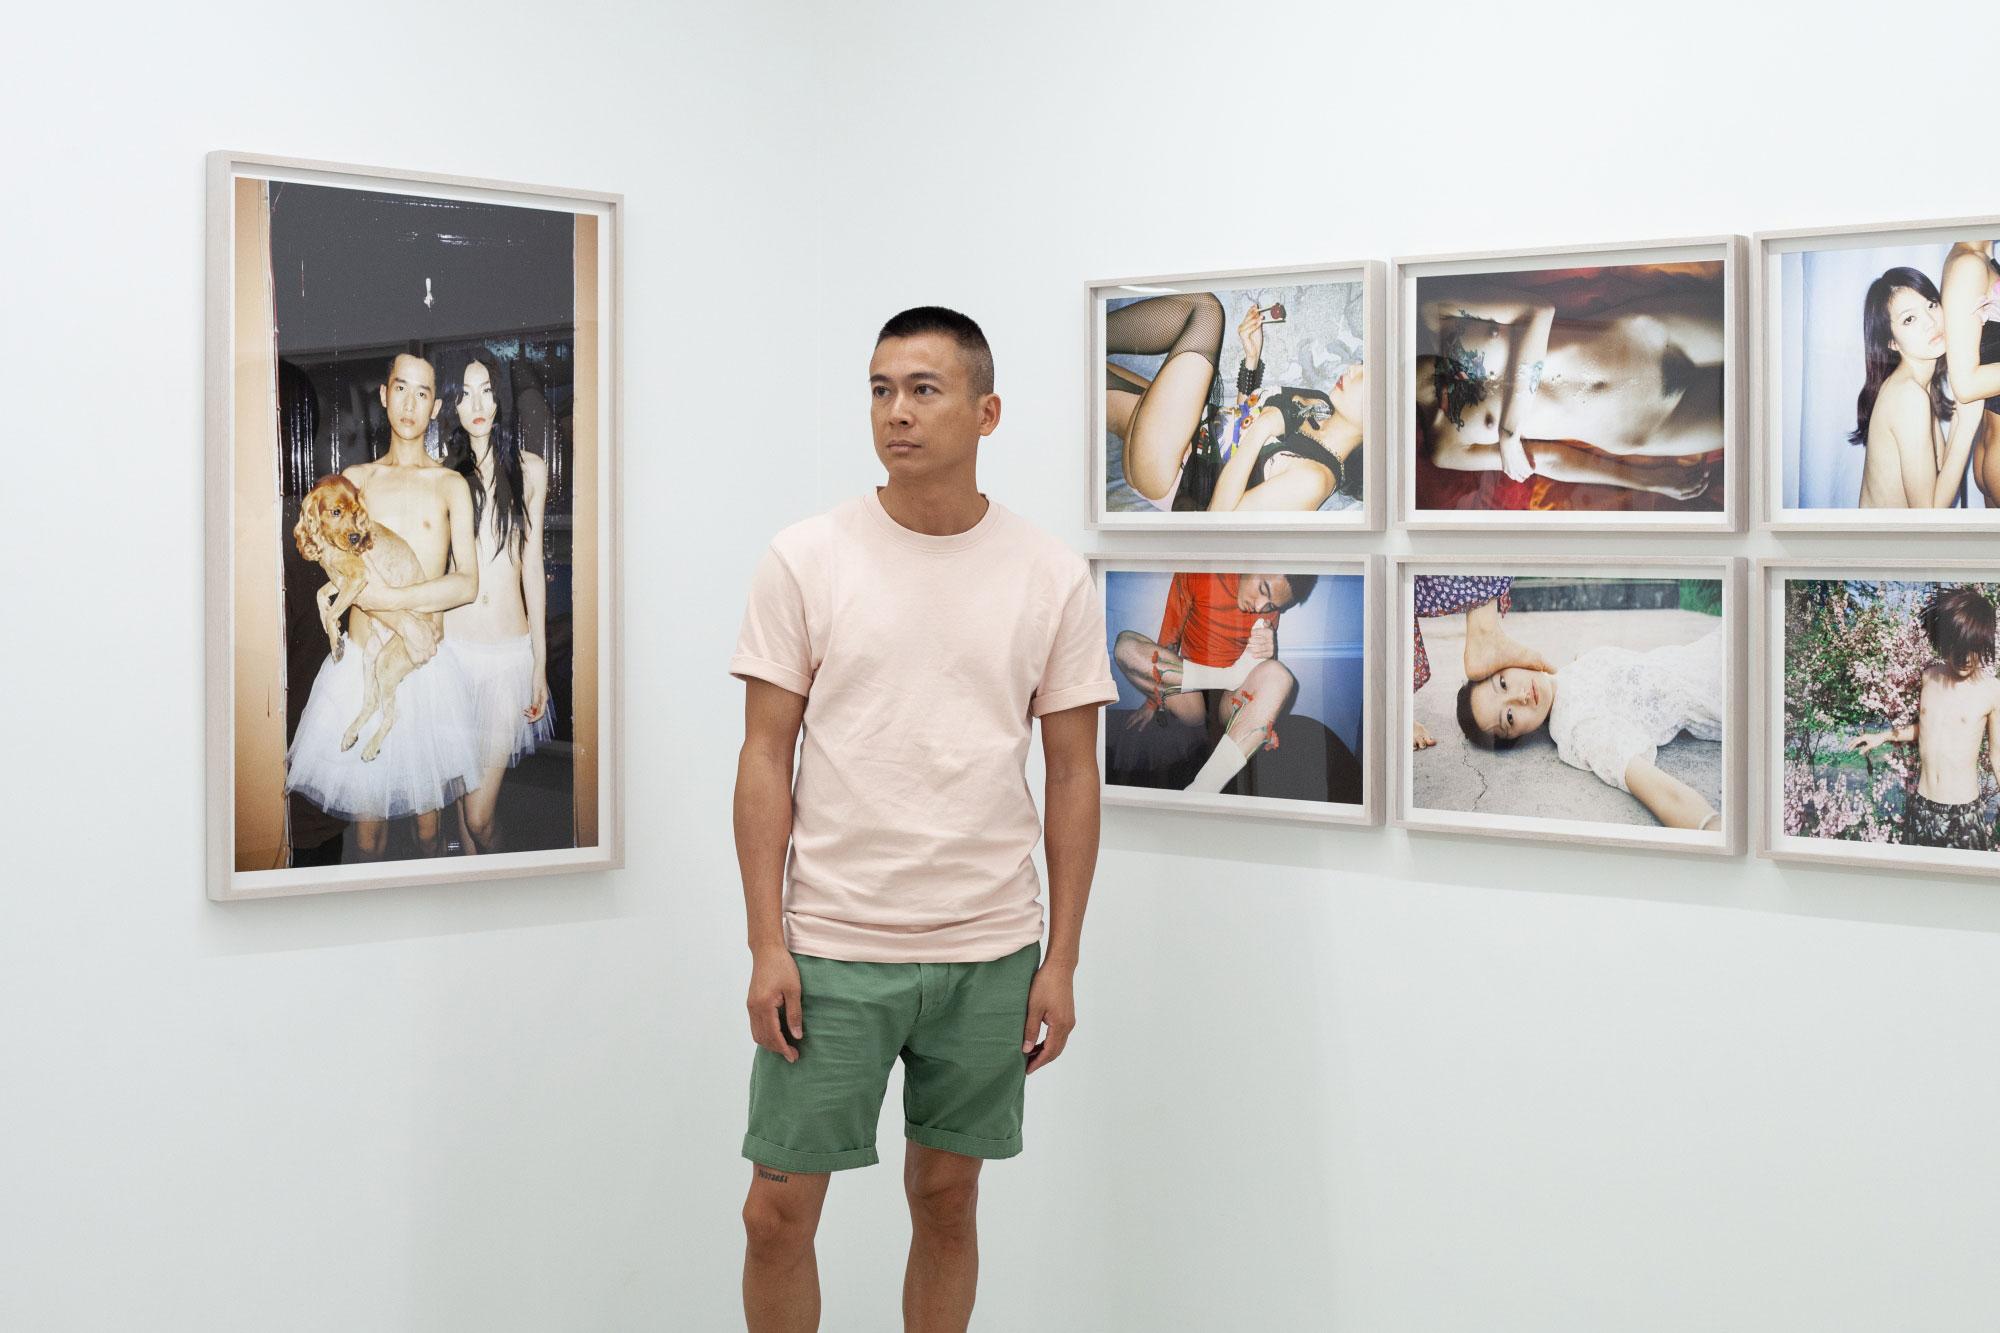 リン・チーペンaka No.223 インタヴュー「溌剌としながら謎めき、一枚の写真がサスペンスを喚起する」 | リン・チーペン aka No.223